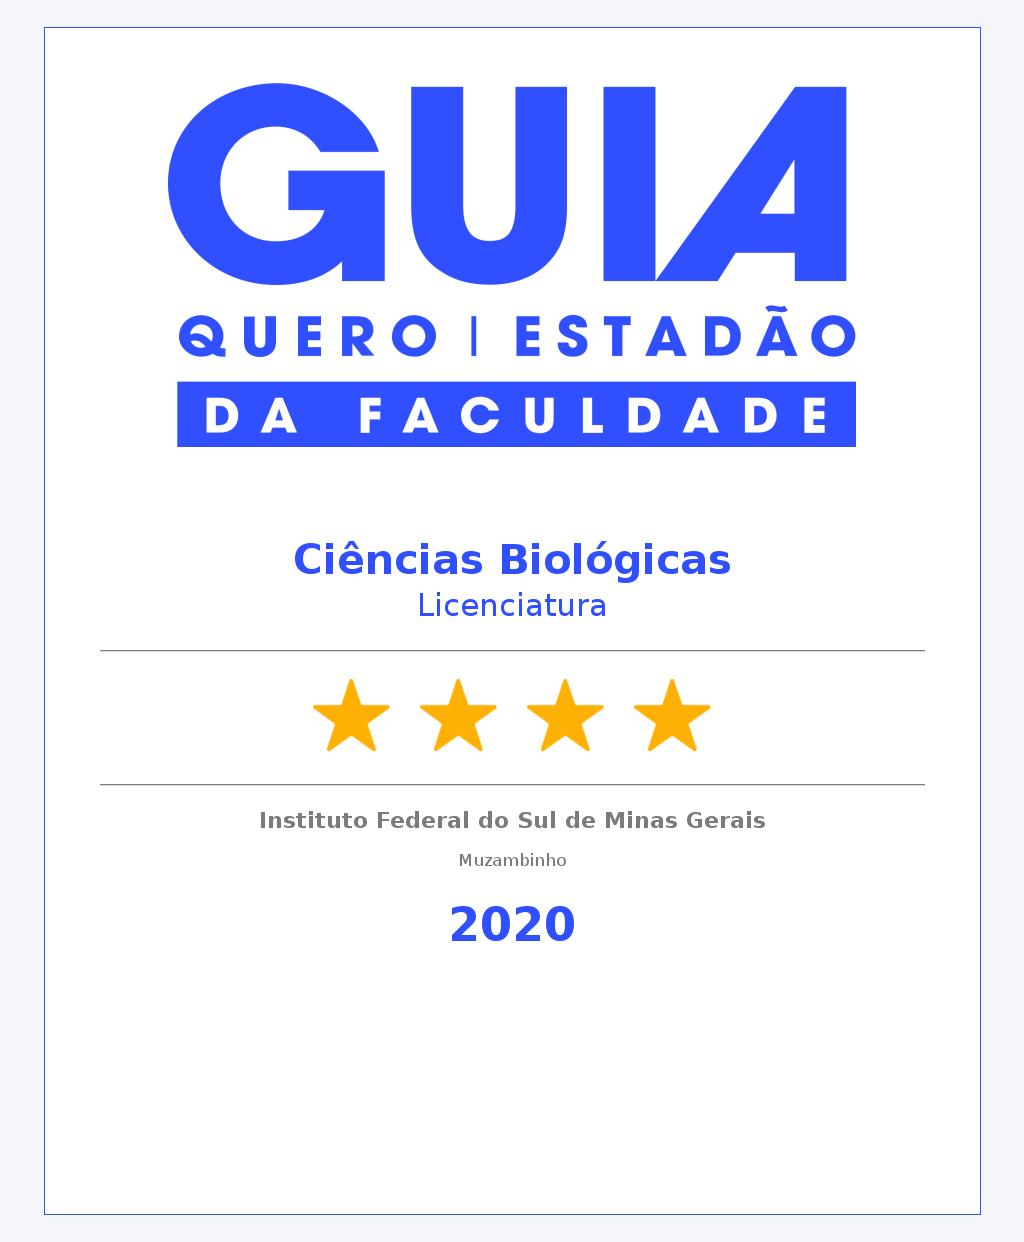 Ciências Biológicas Licenciatura Muzambinho 4 Estrelas